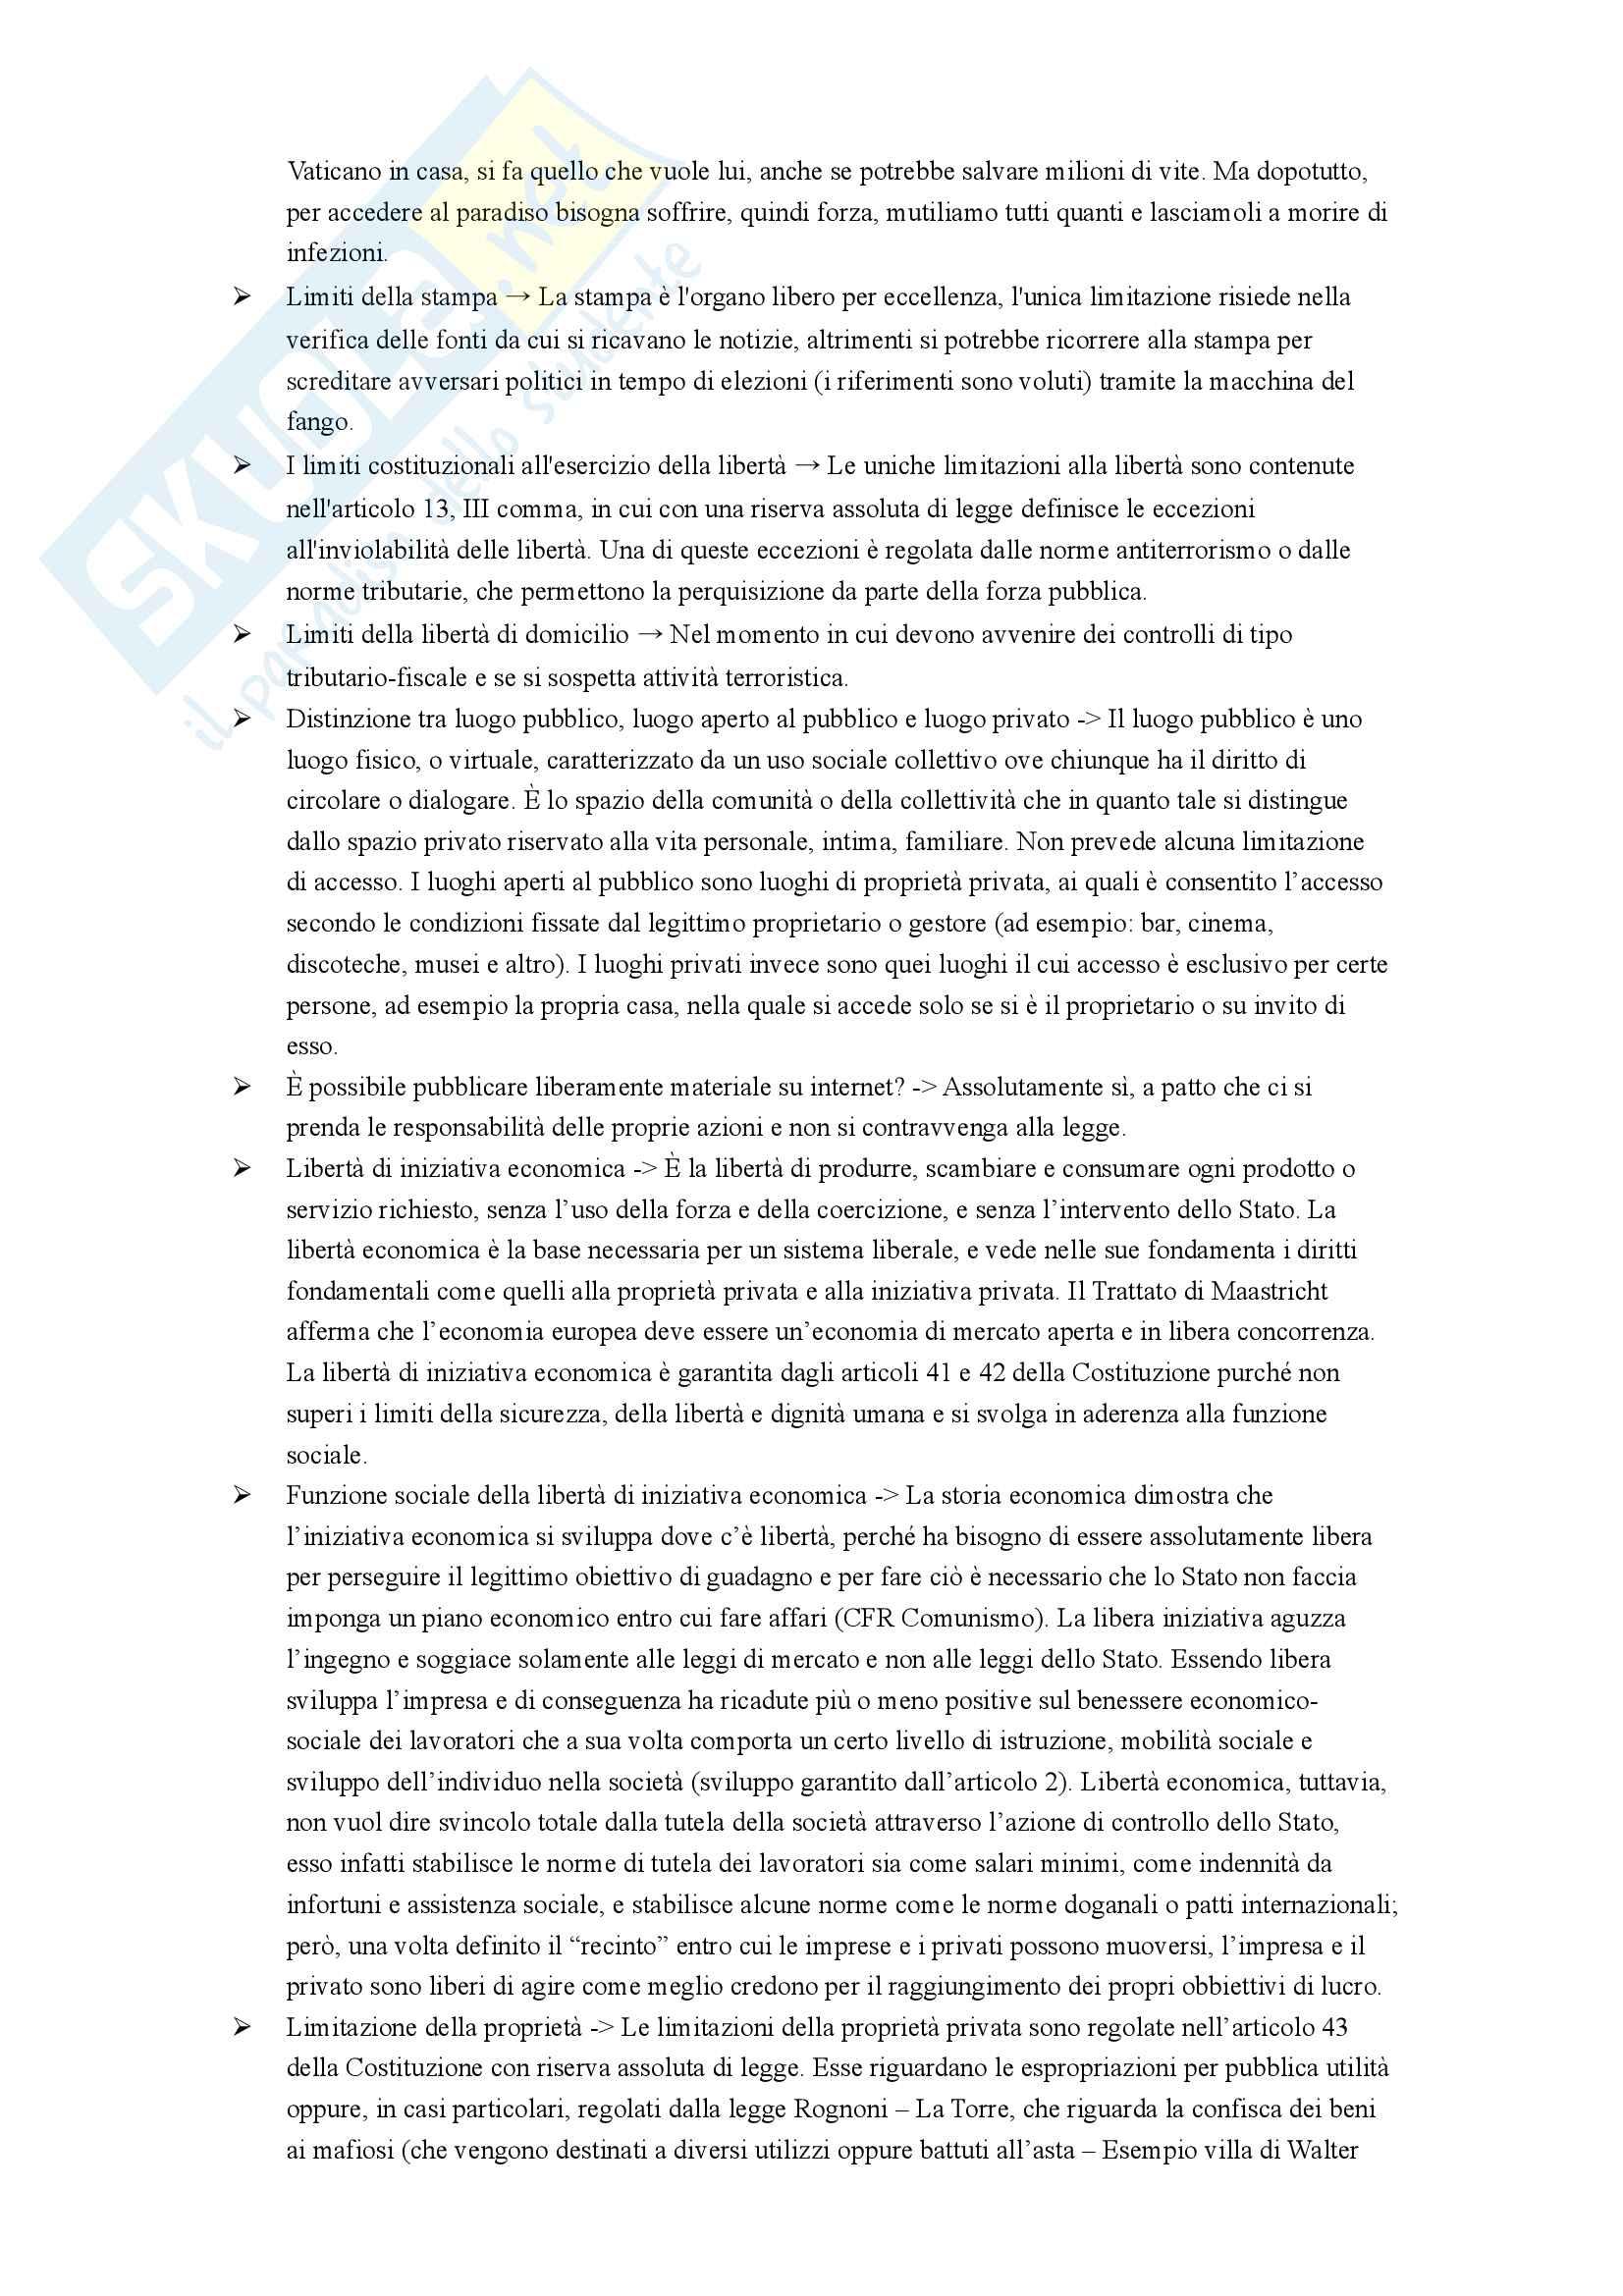 Domande e Risposte Esame Diritto Pubblico Pag. 11